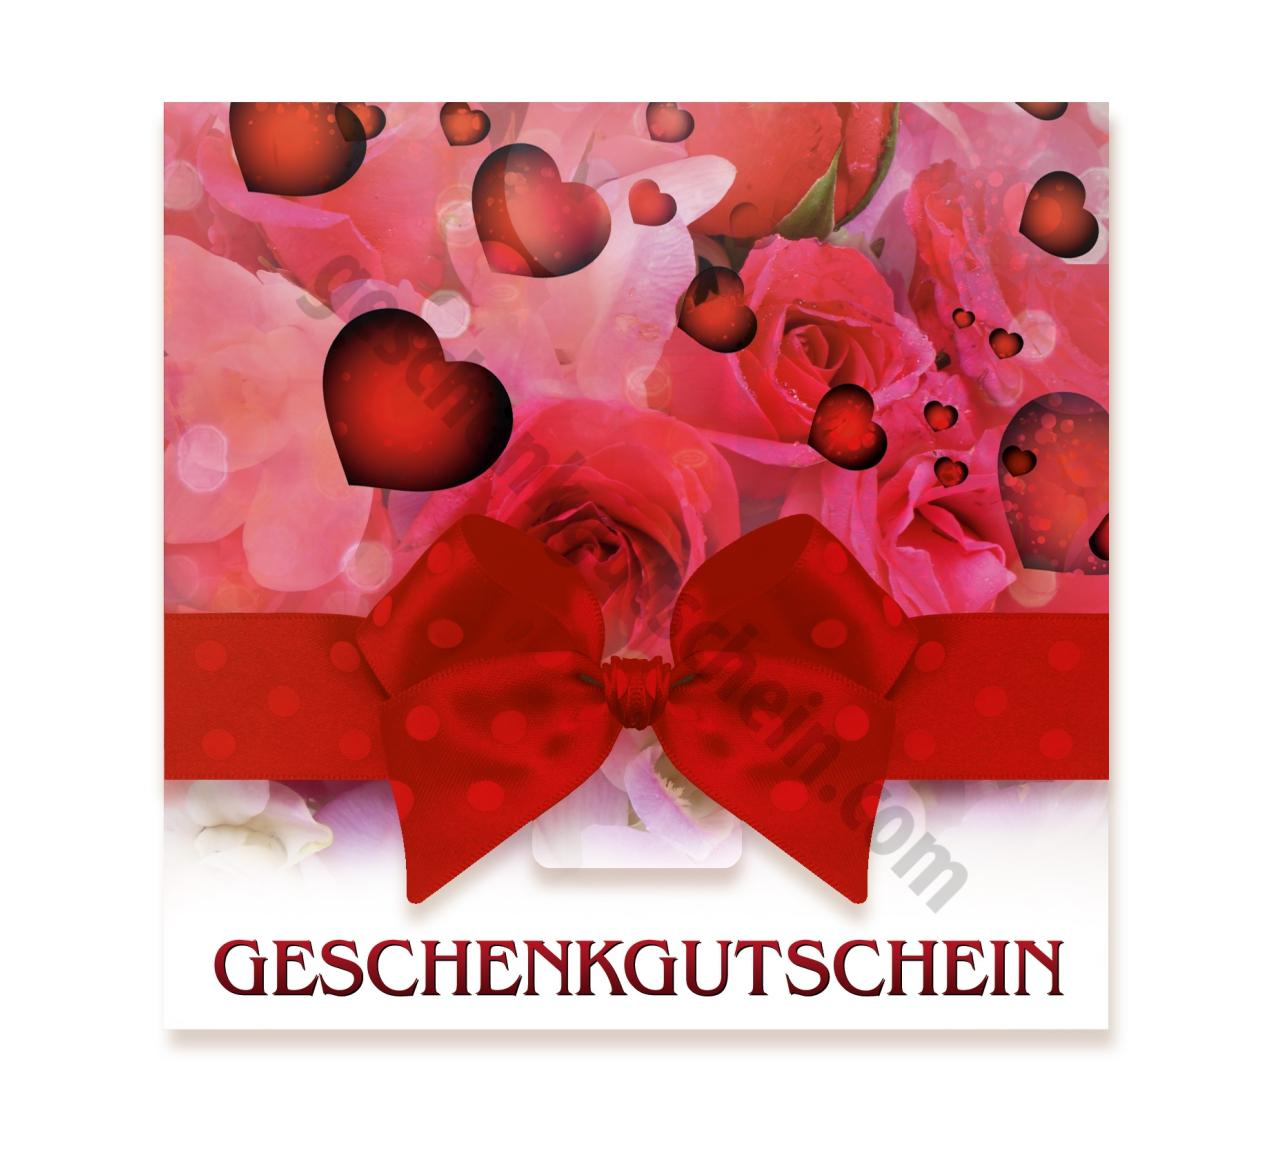 U105 Caro-Gutschein   Geschenkgutschein.com - Mit den schönsten ...